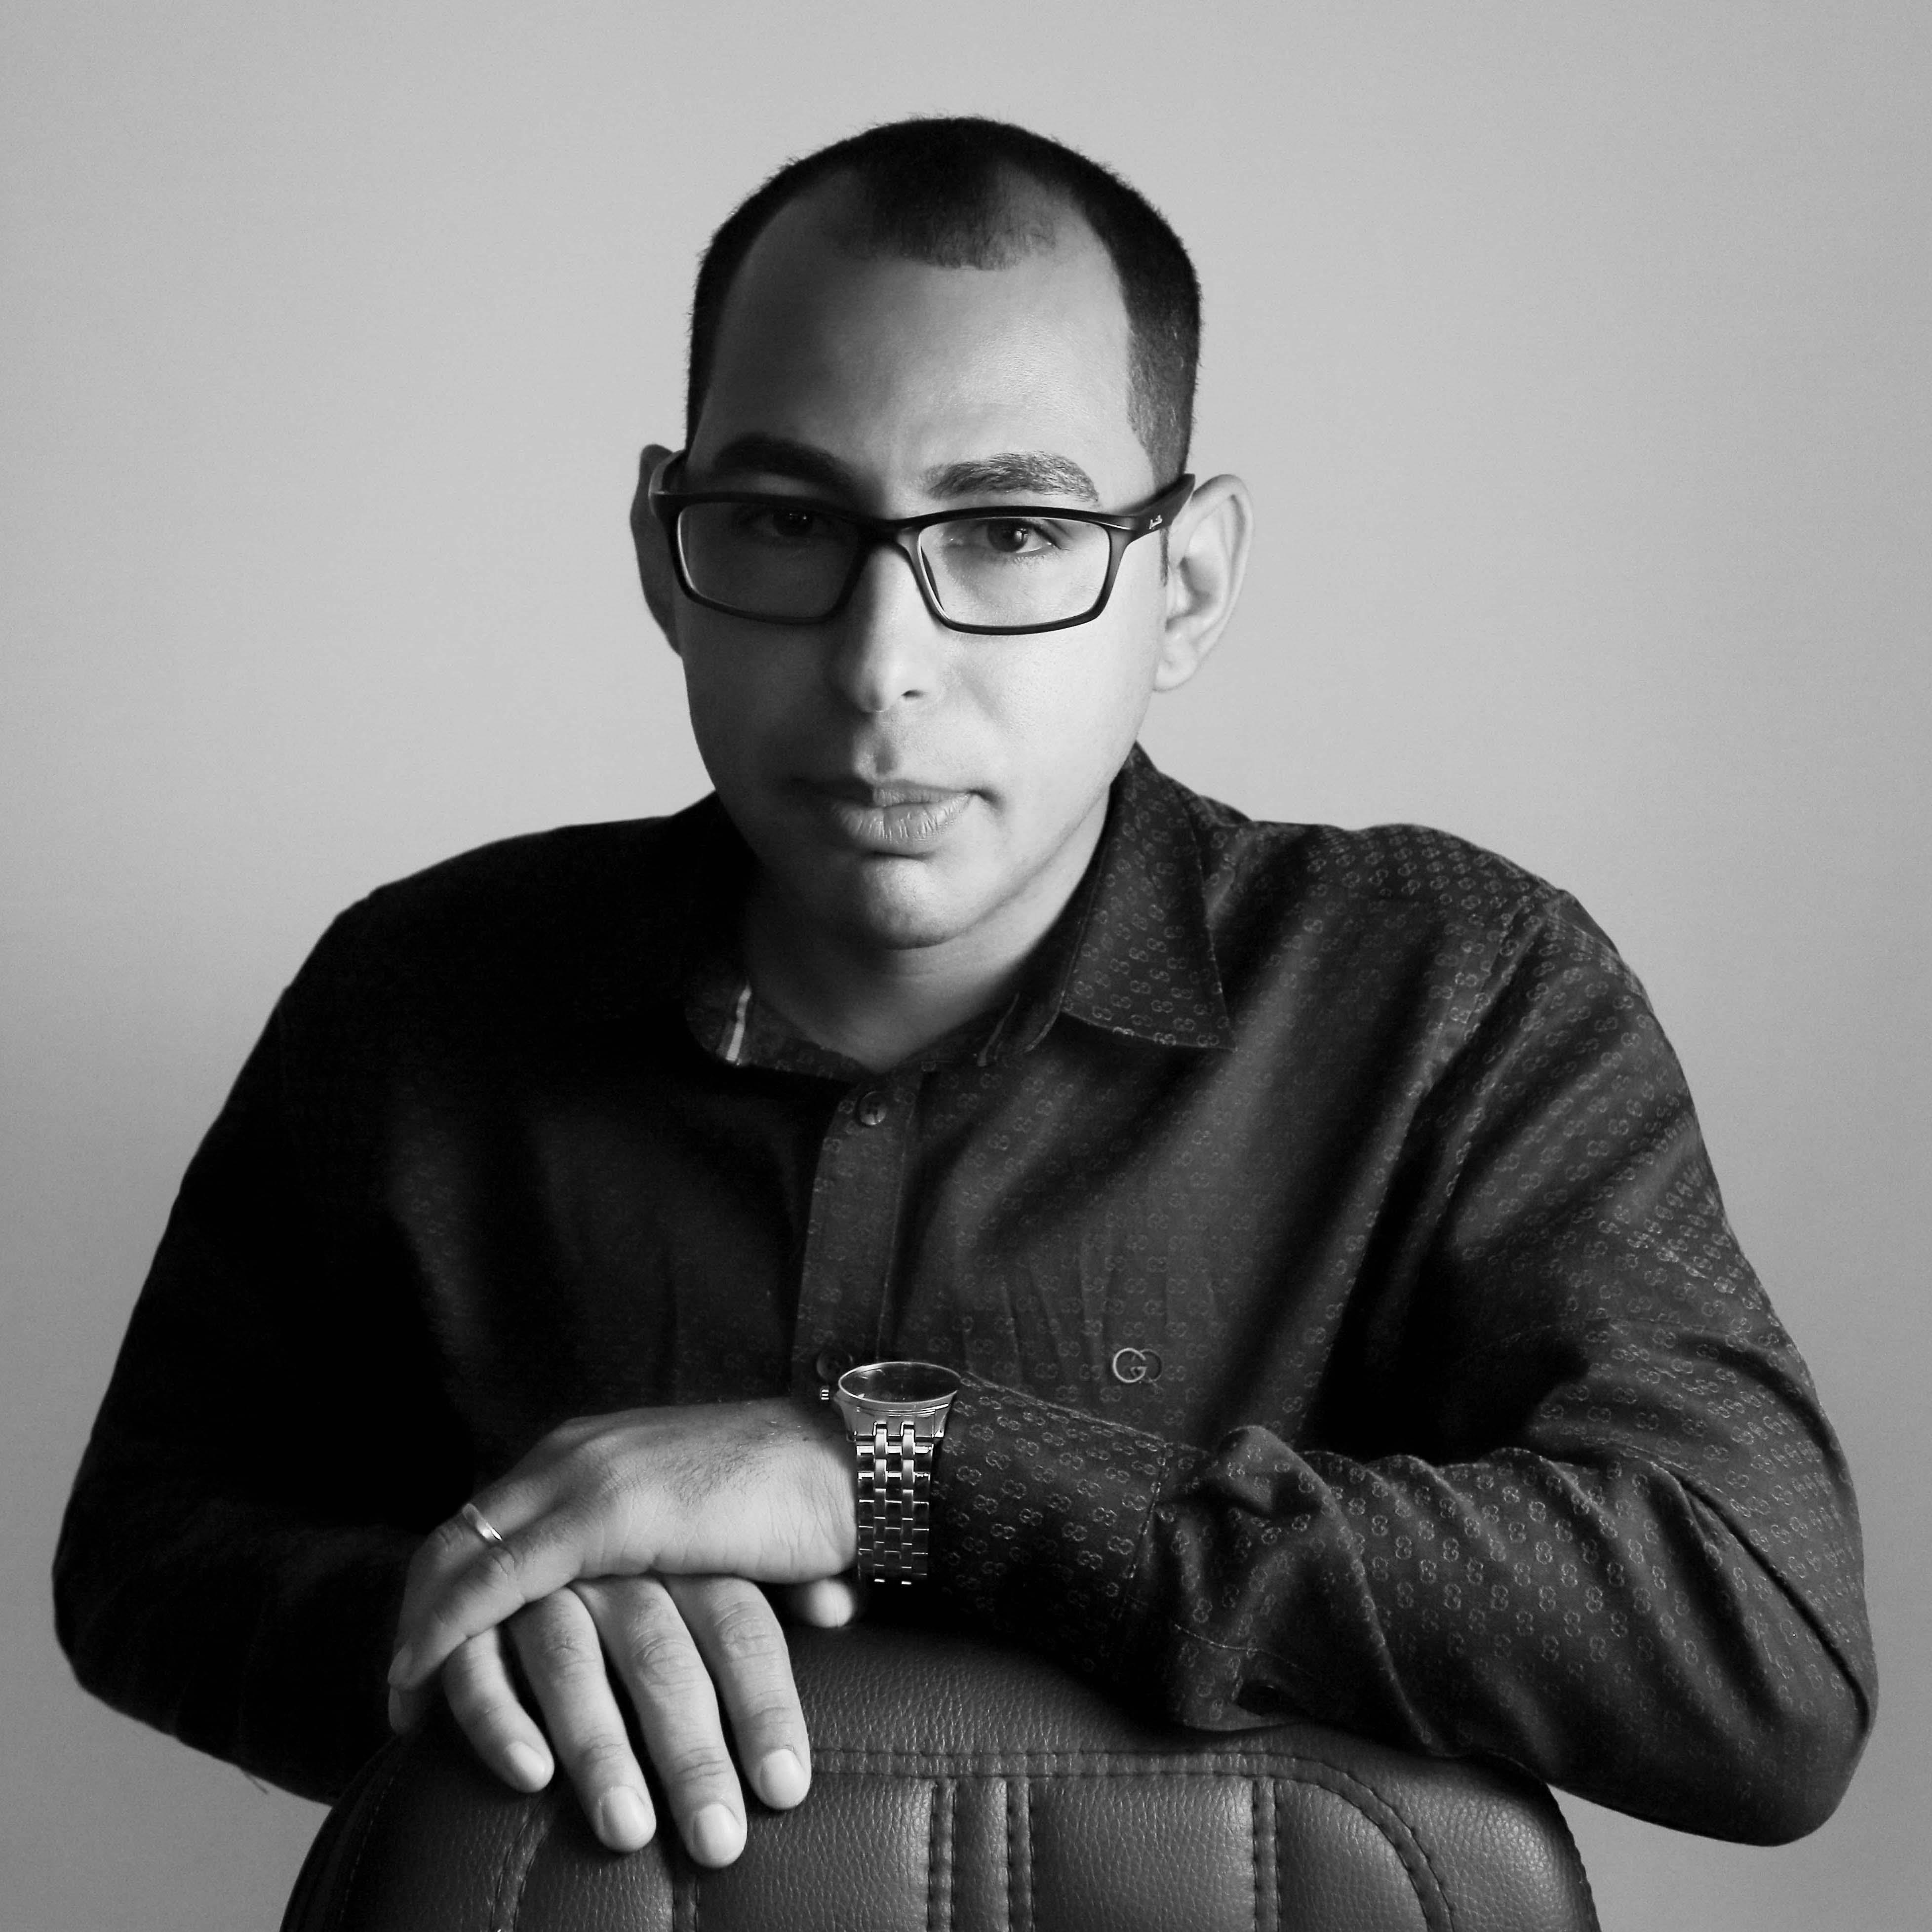 Fernando Vilarindo profile picture